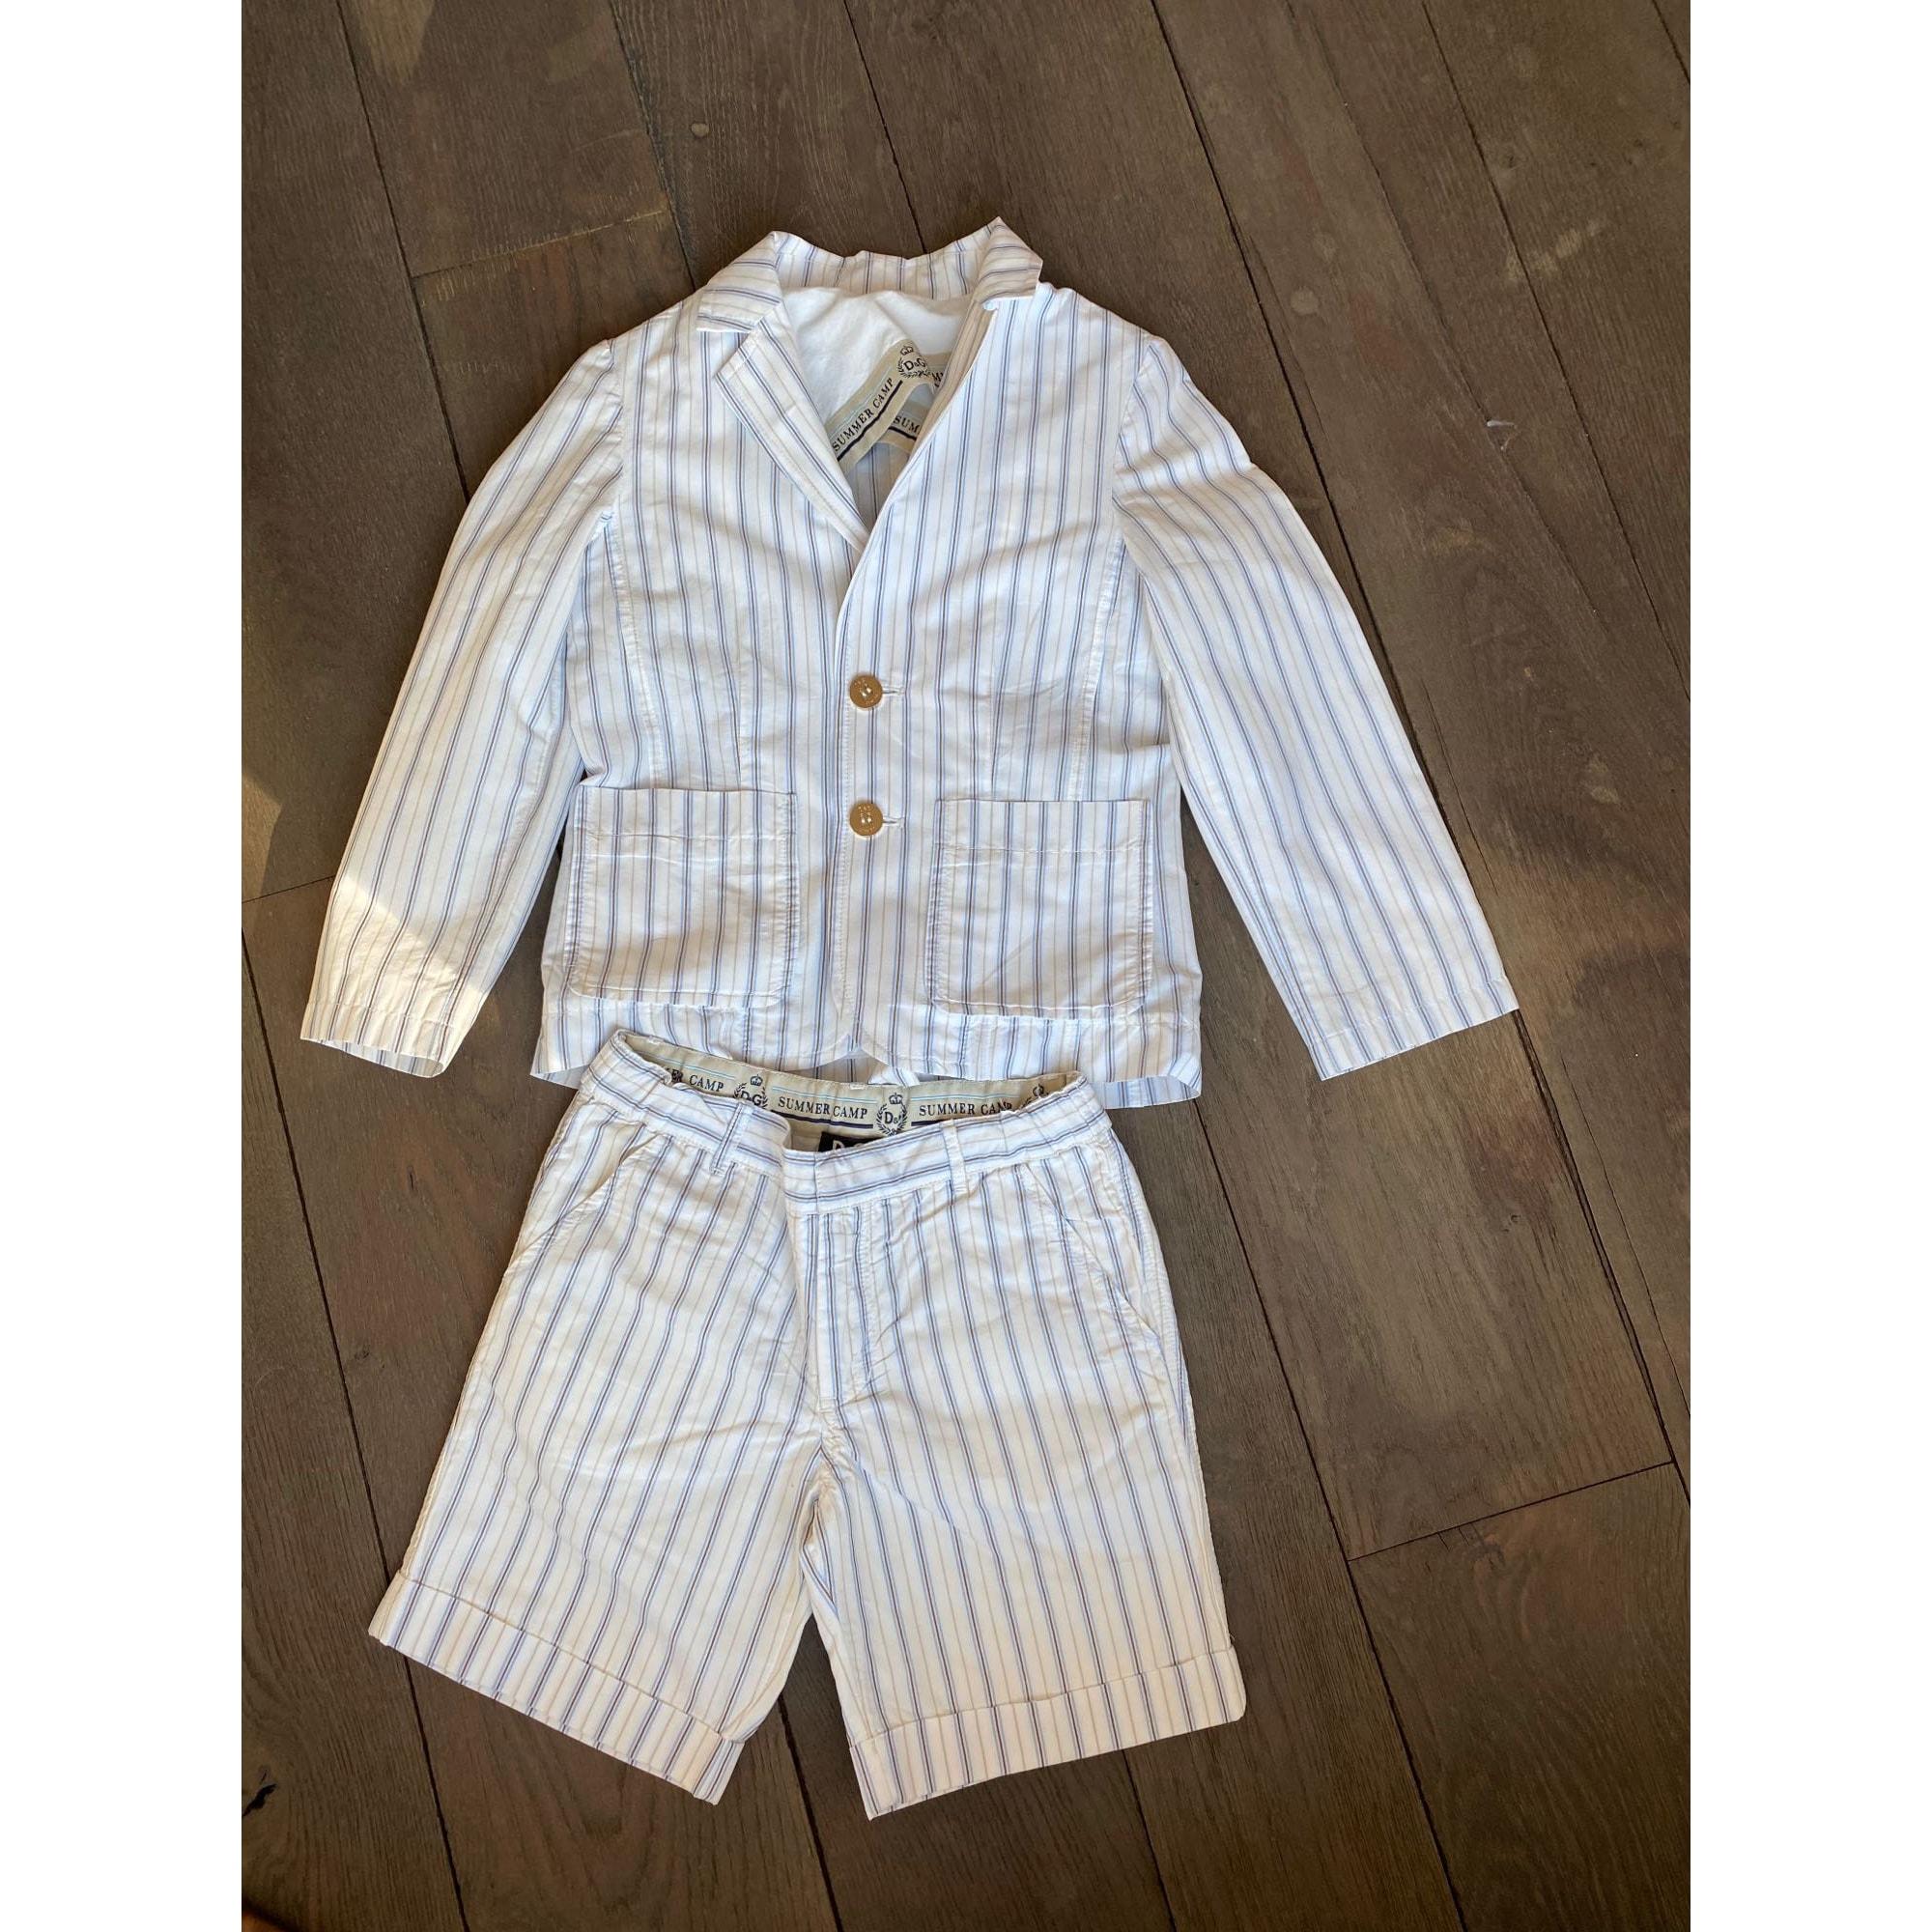 Anzug, Set für Kinder, kurz DOLCE & GABBANA Weiß, elfenbeinfarben